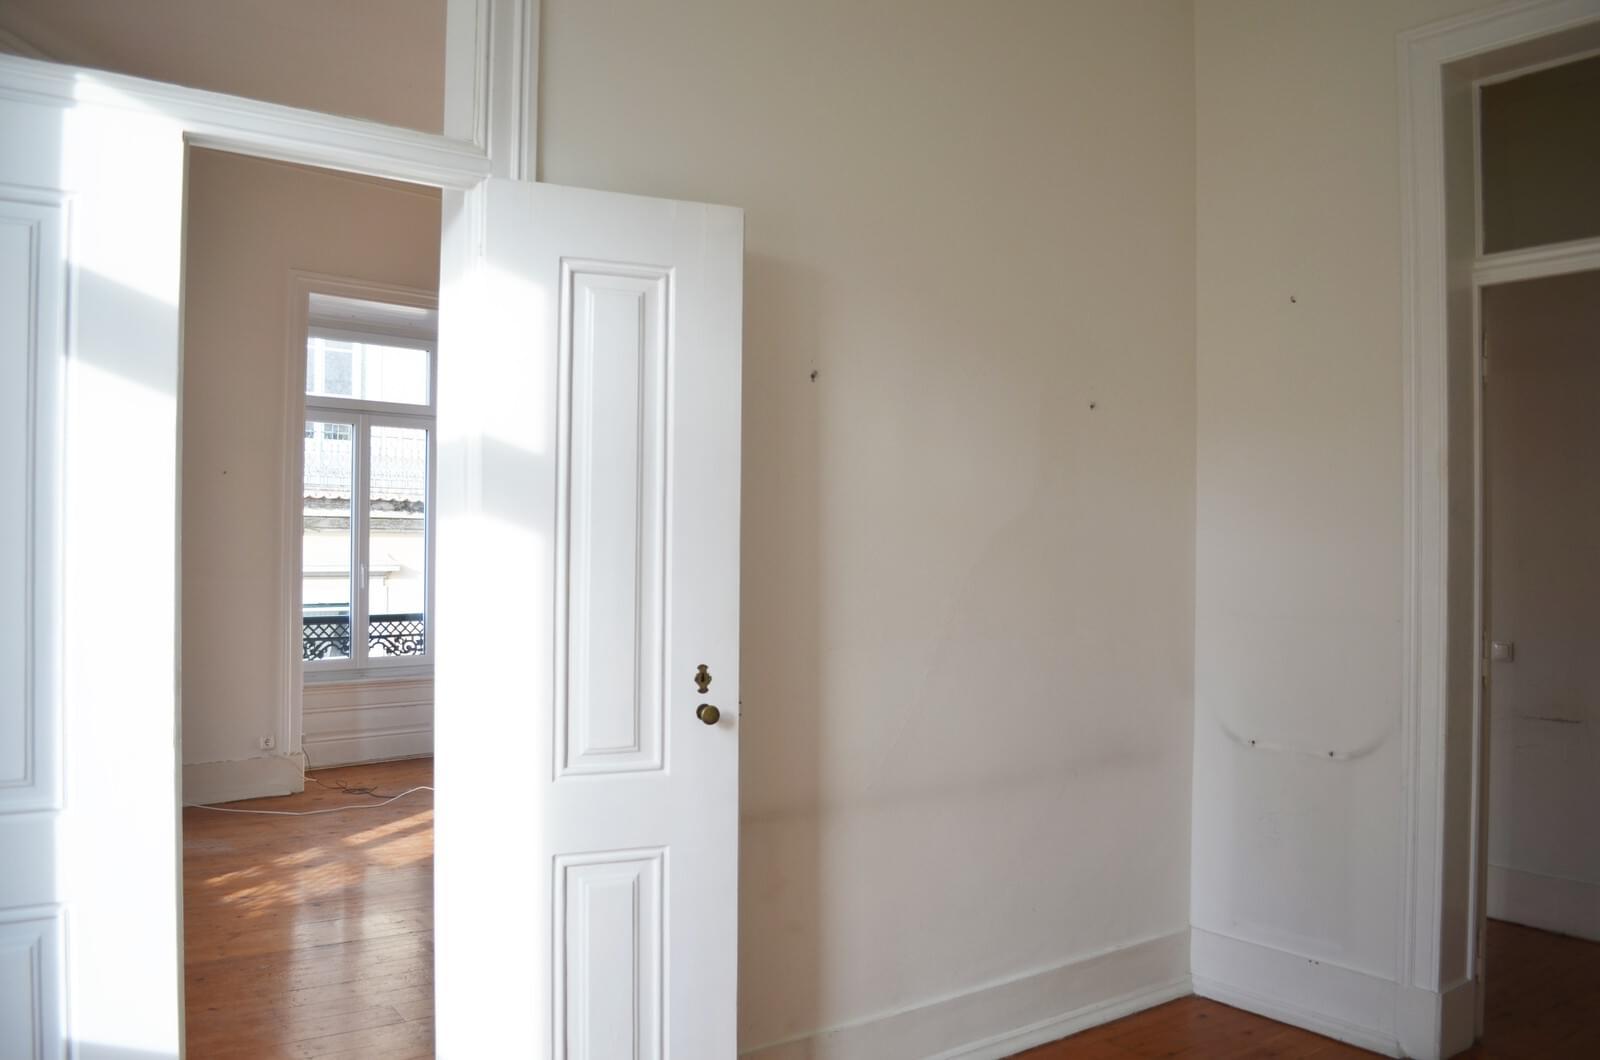 pf18621-apartamento-t4-lisboa-7cd1ea93-d7aa-41fb-abef-73ac6e5bcb9f